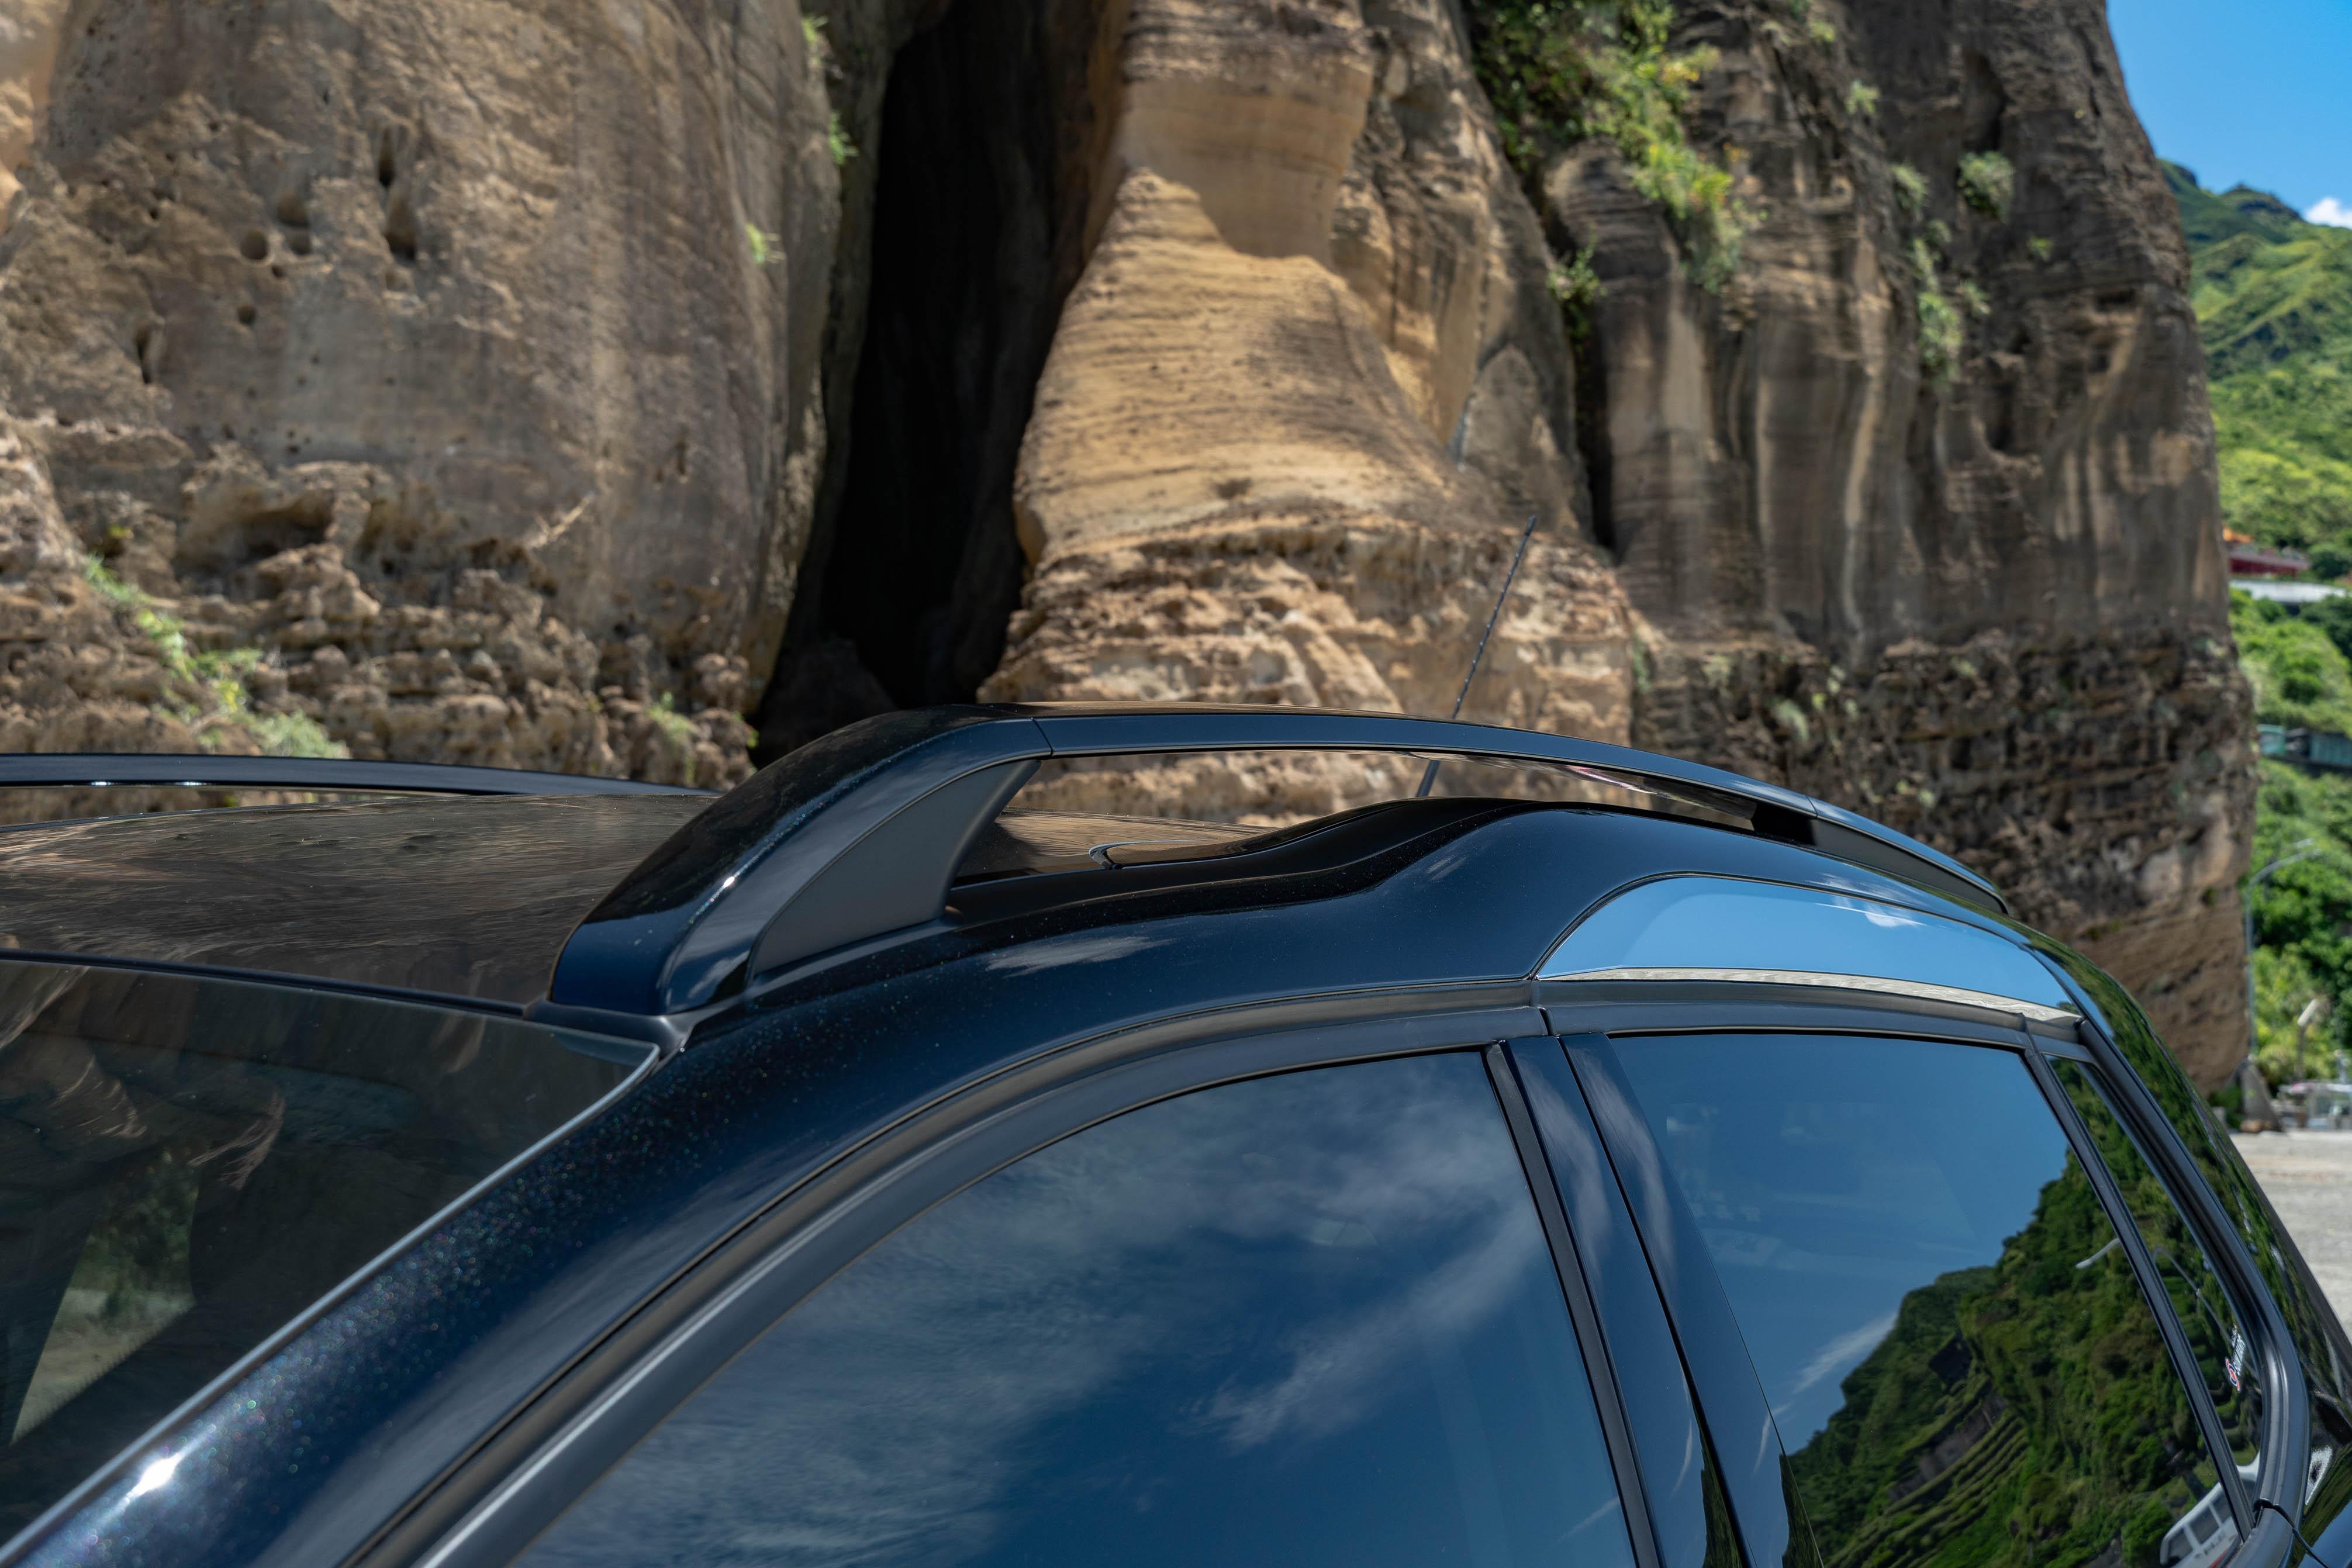 車頂擁有獨特的突起設計,搭配鍍鉻飾條。